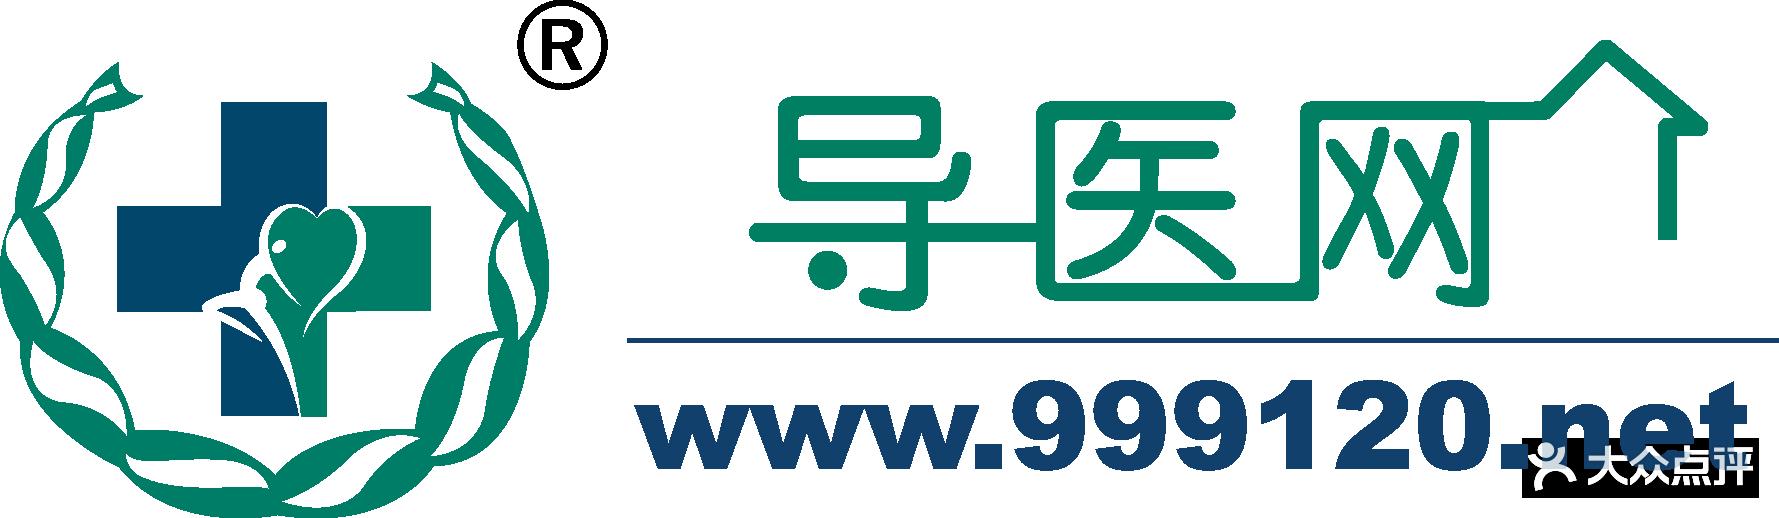 logo 标识 标志 设计 矢量 矢量图 素材 图标 1779_518